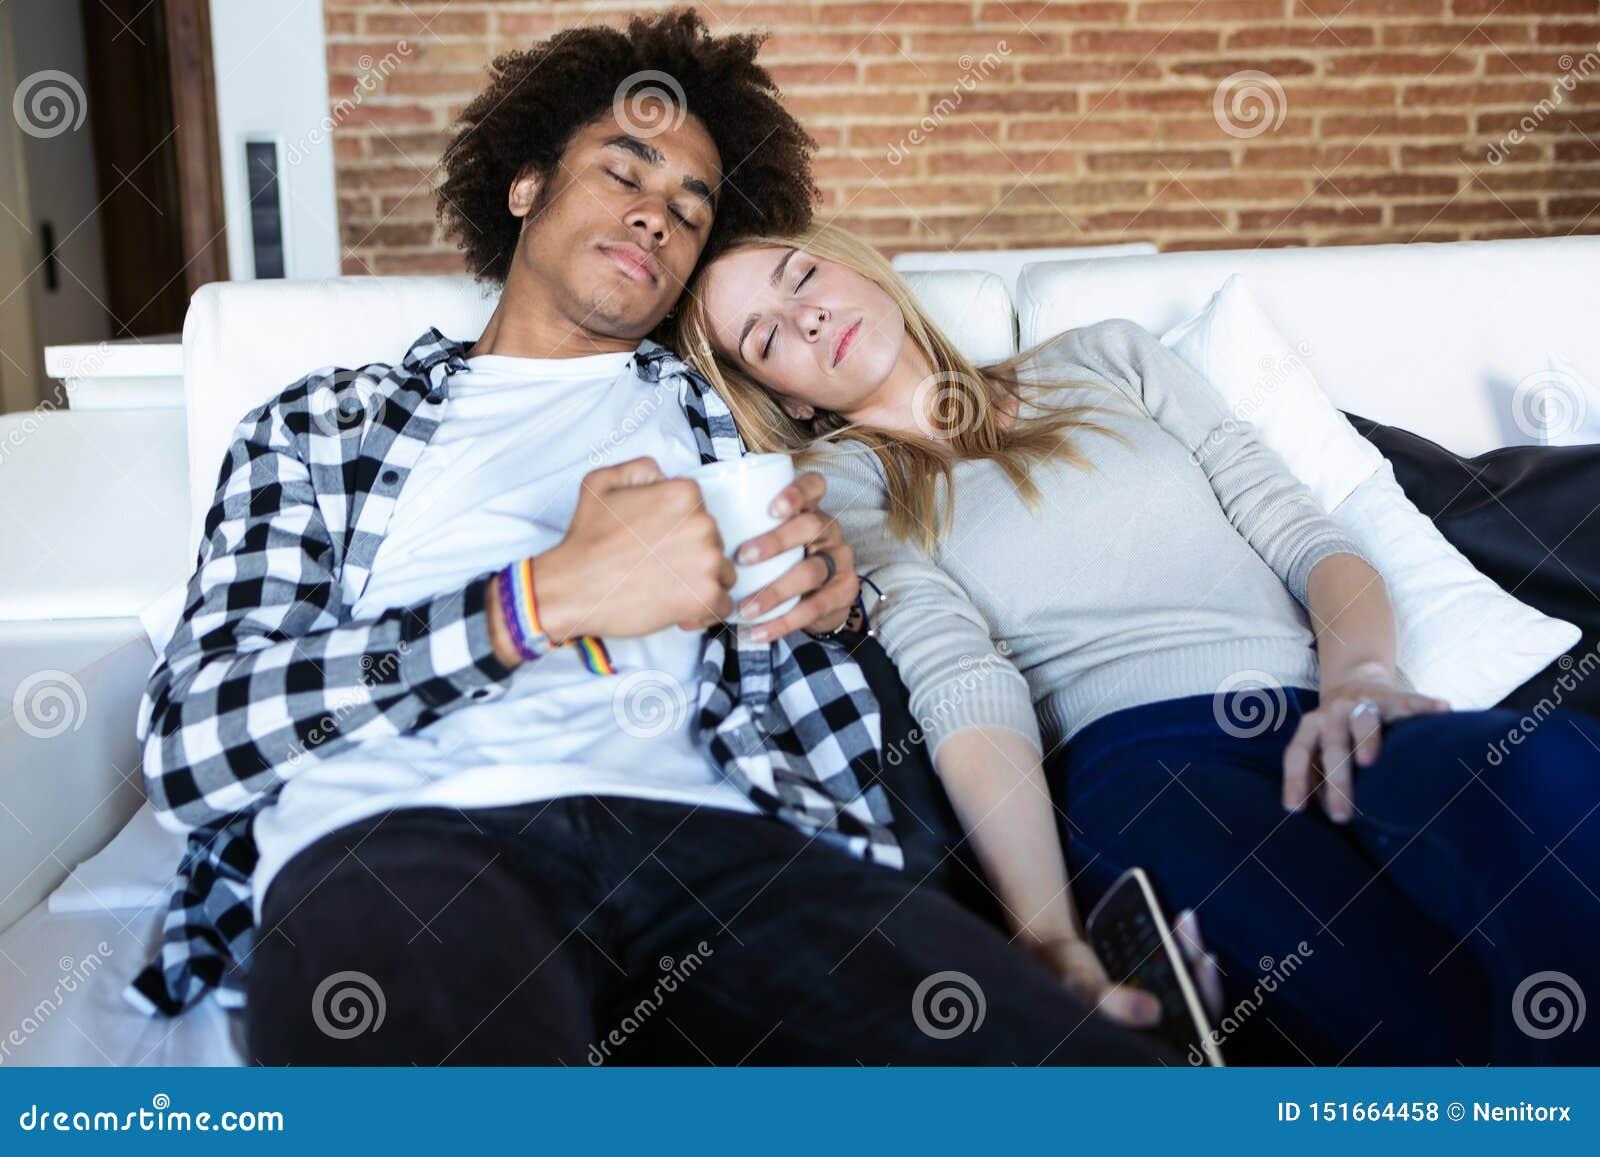 Ontspannen jong paar dat terwijl thuis het letten van op TV op de laag in slaap is gevallen